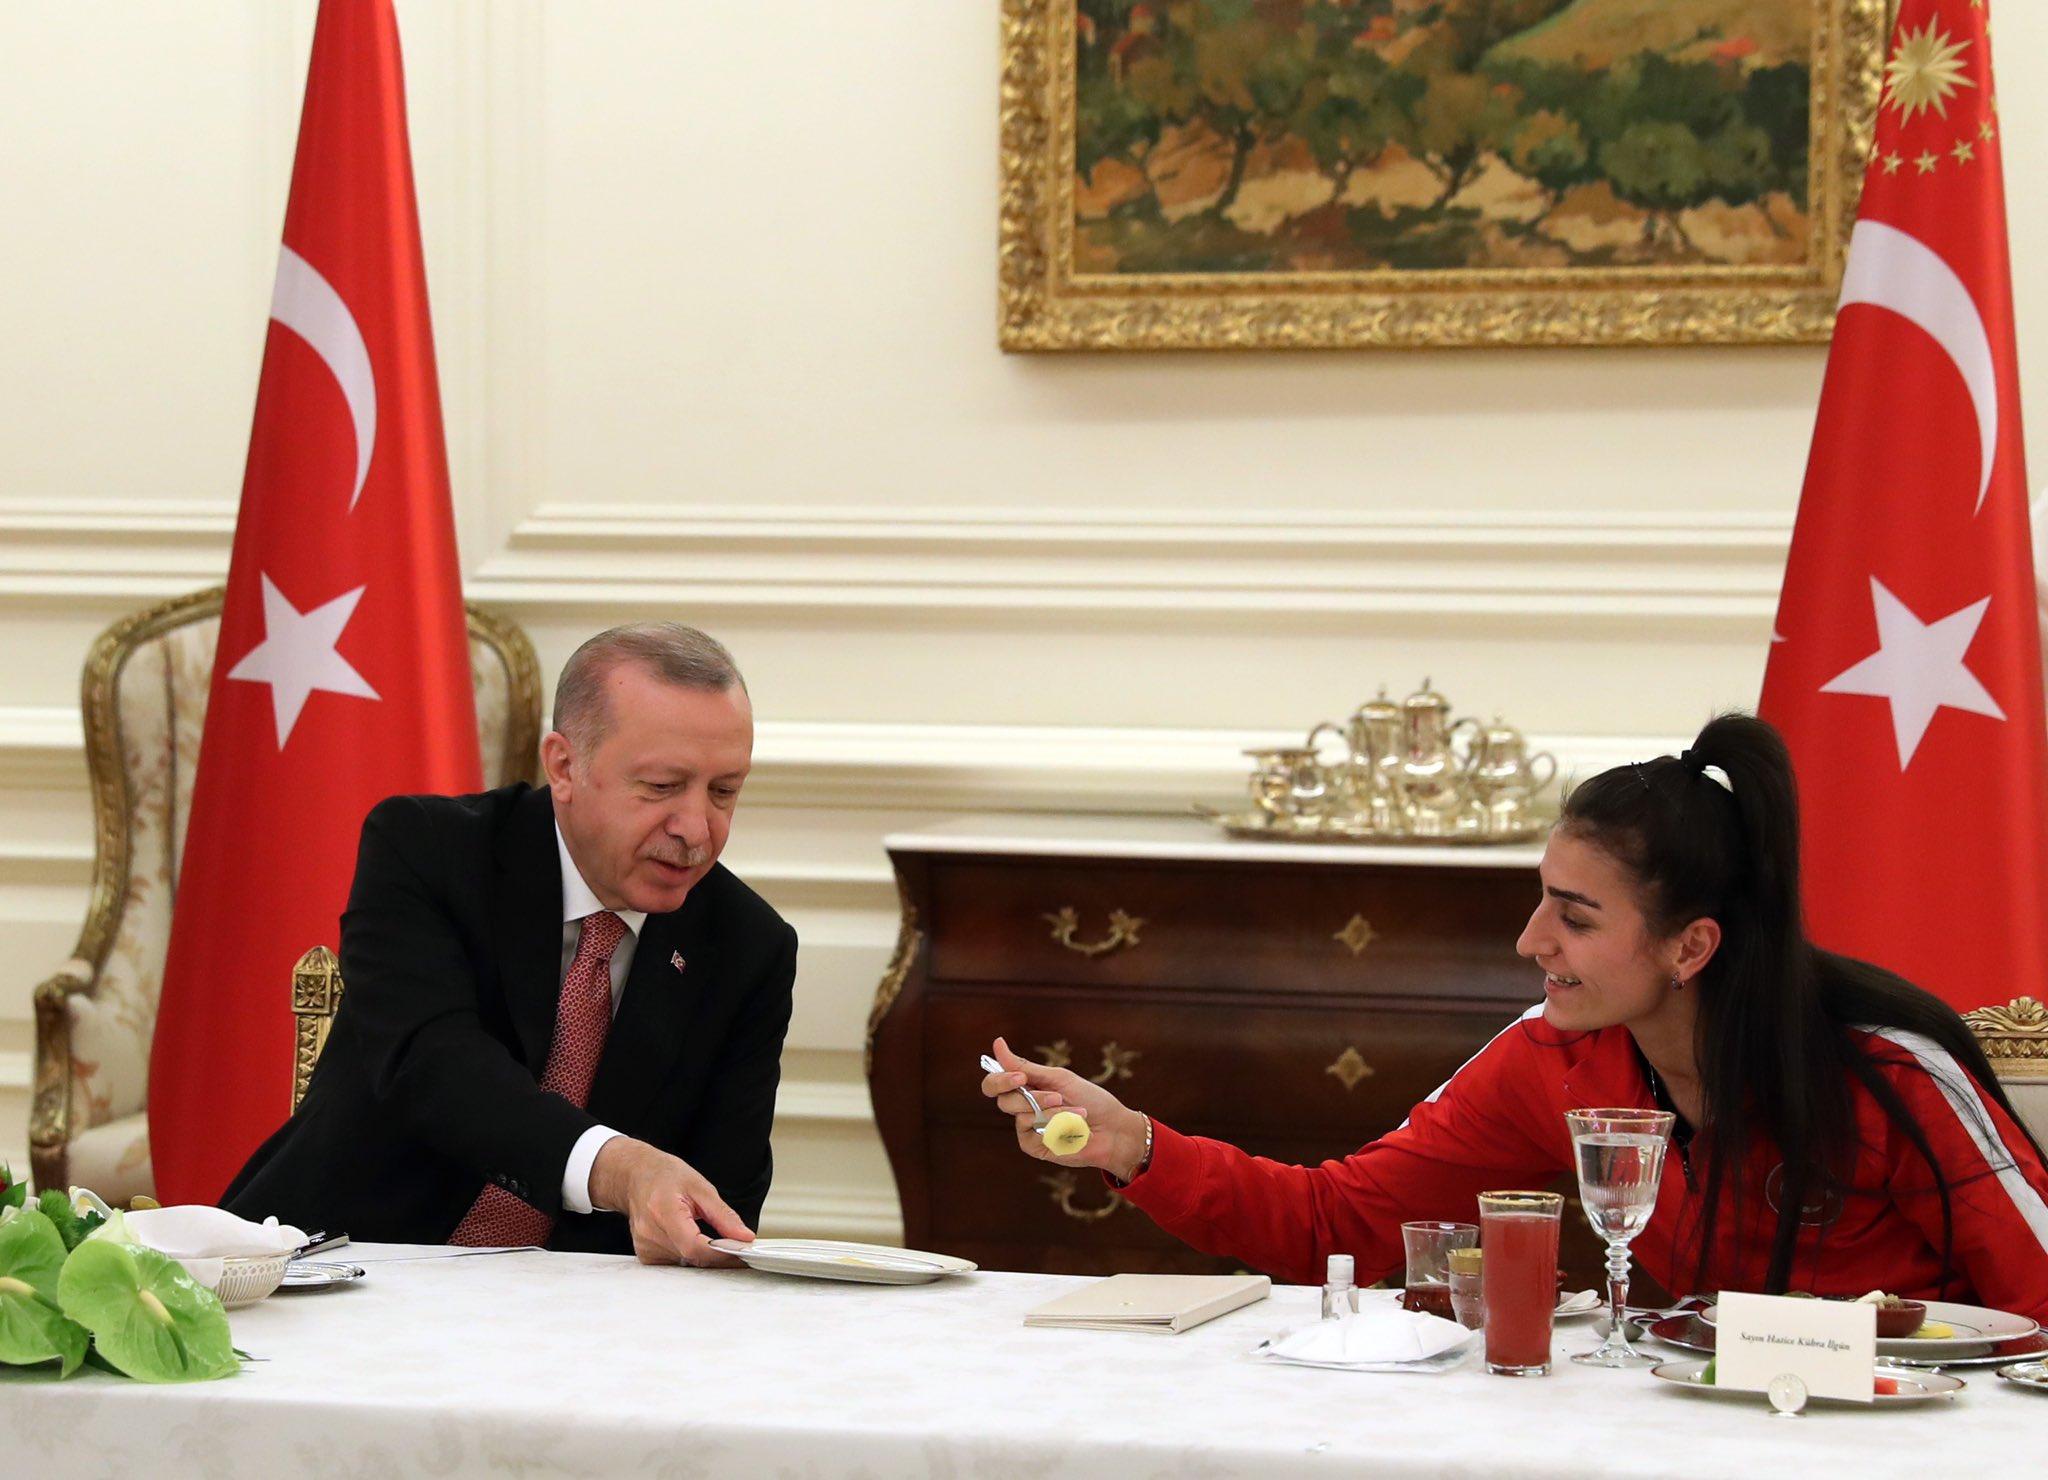 Καιροσκοπικά ανοίγματα από Τουρκία – Σφήνα στις σχέσεις της Ελλάδας με Άραβες και Ισραήλ